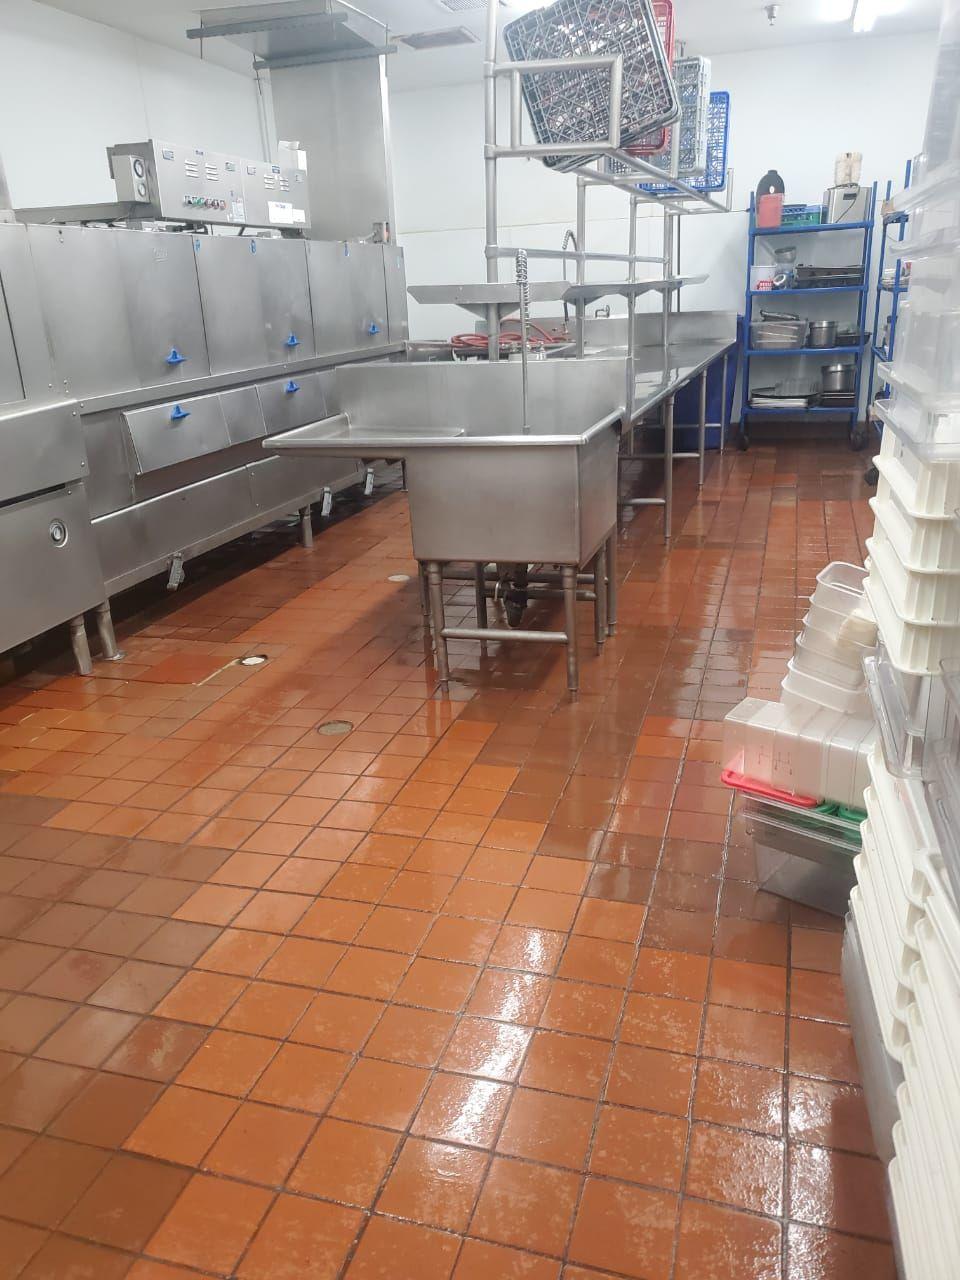 Hotel, restaurant kitchen cleaning